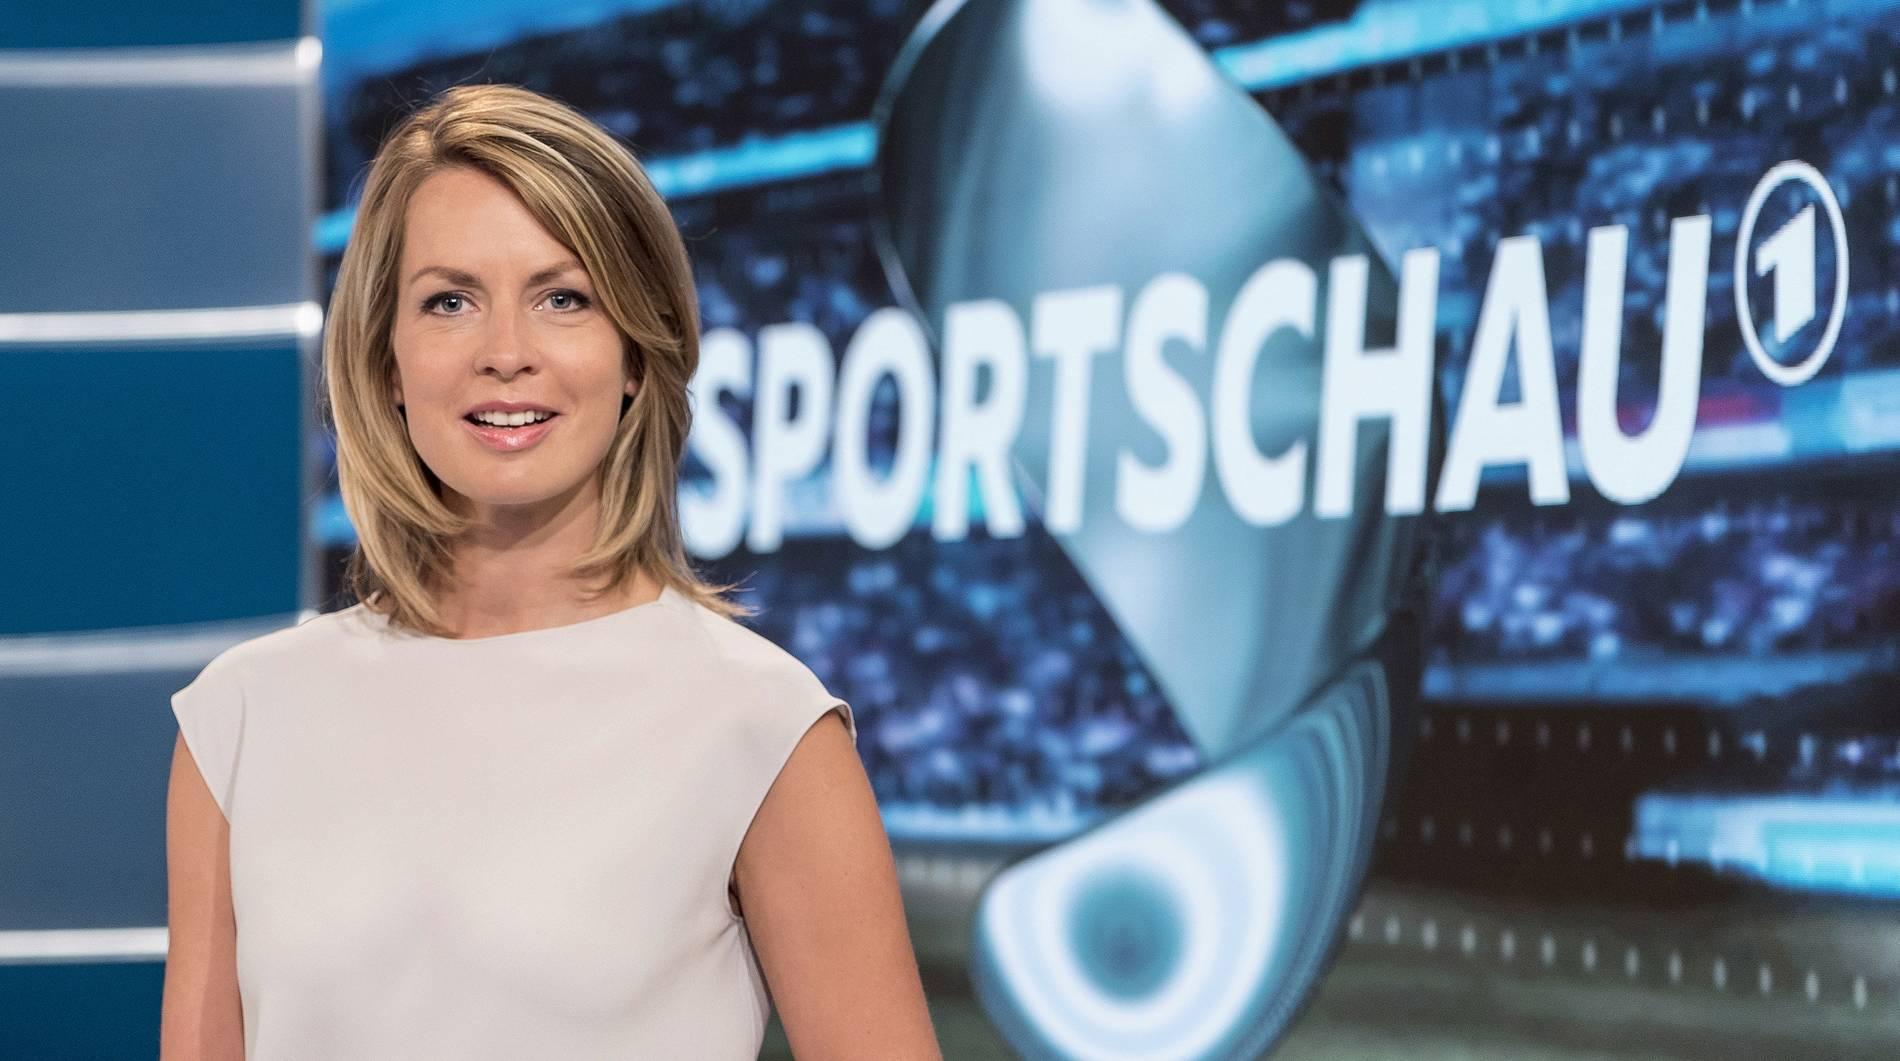 Sky und DAZN sichern sich offenbar die Bundesligarechte